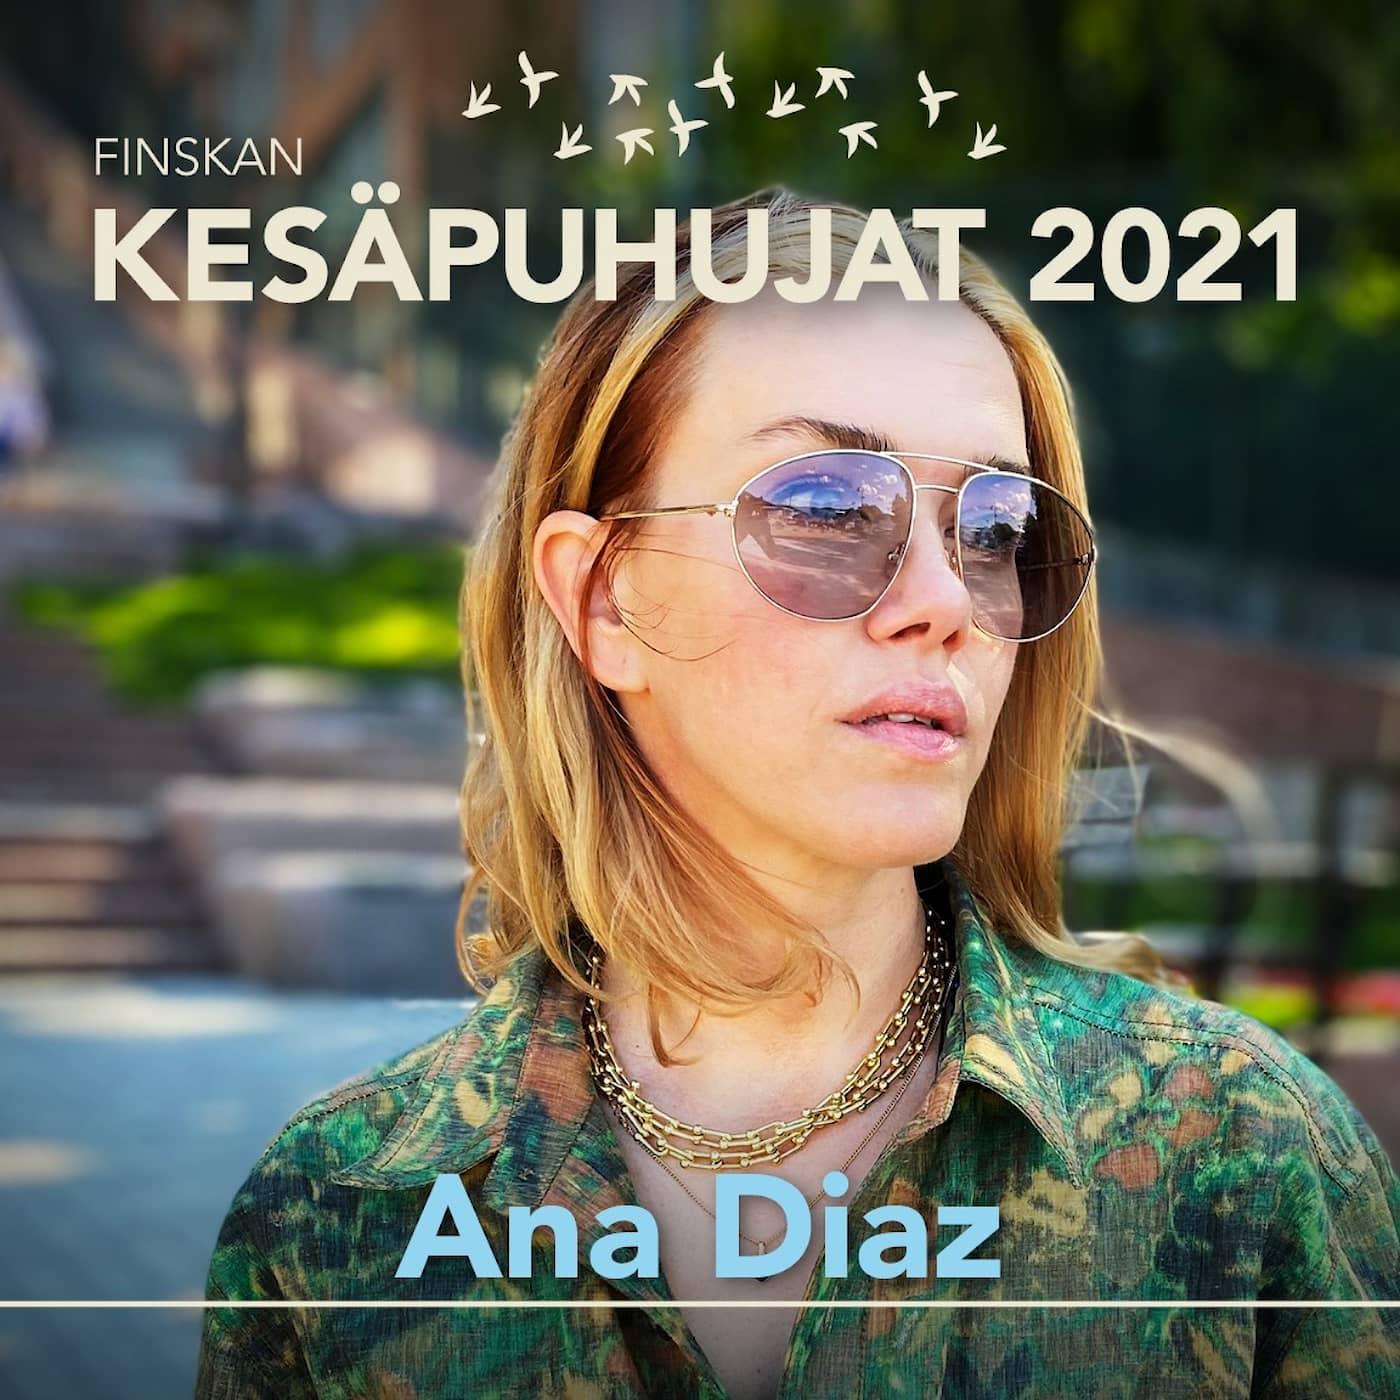 Ana Diaz: Om man inte väljer sig själv så blir det ändå så – livet för en bort från det man inte vill